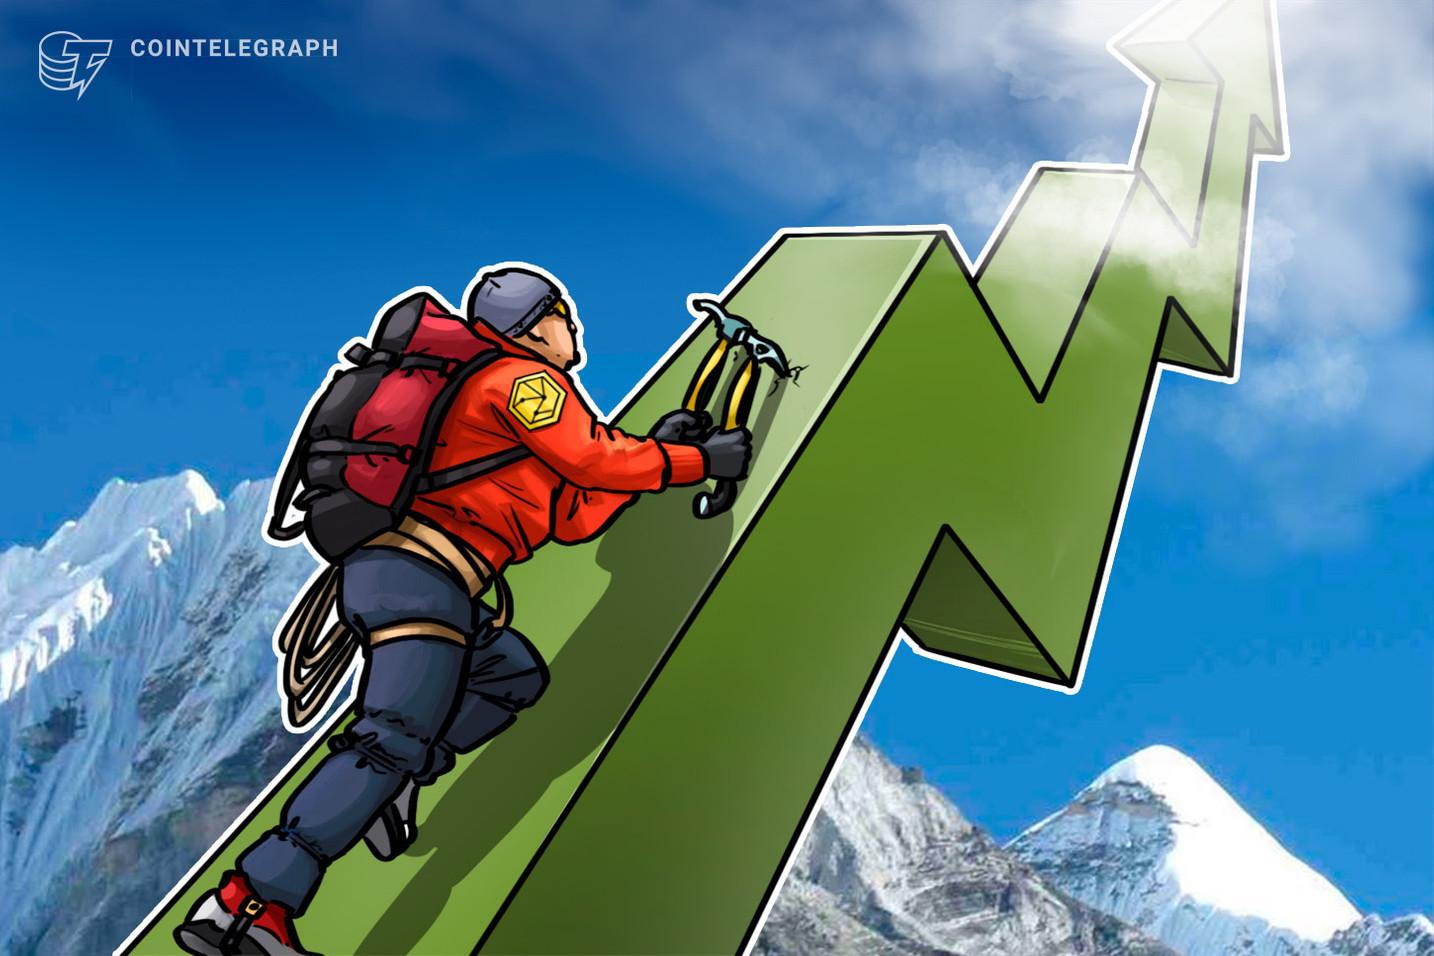 Kryptomärkte sehen einen Hauch von grün, Top-Coins handeln seitwärts